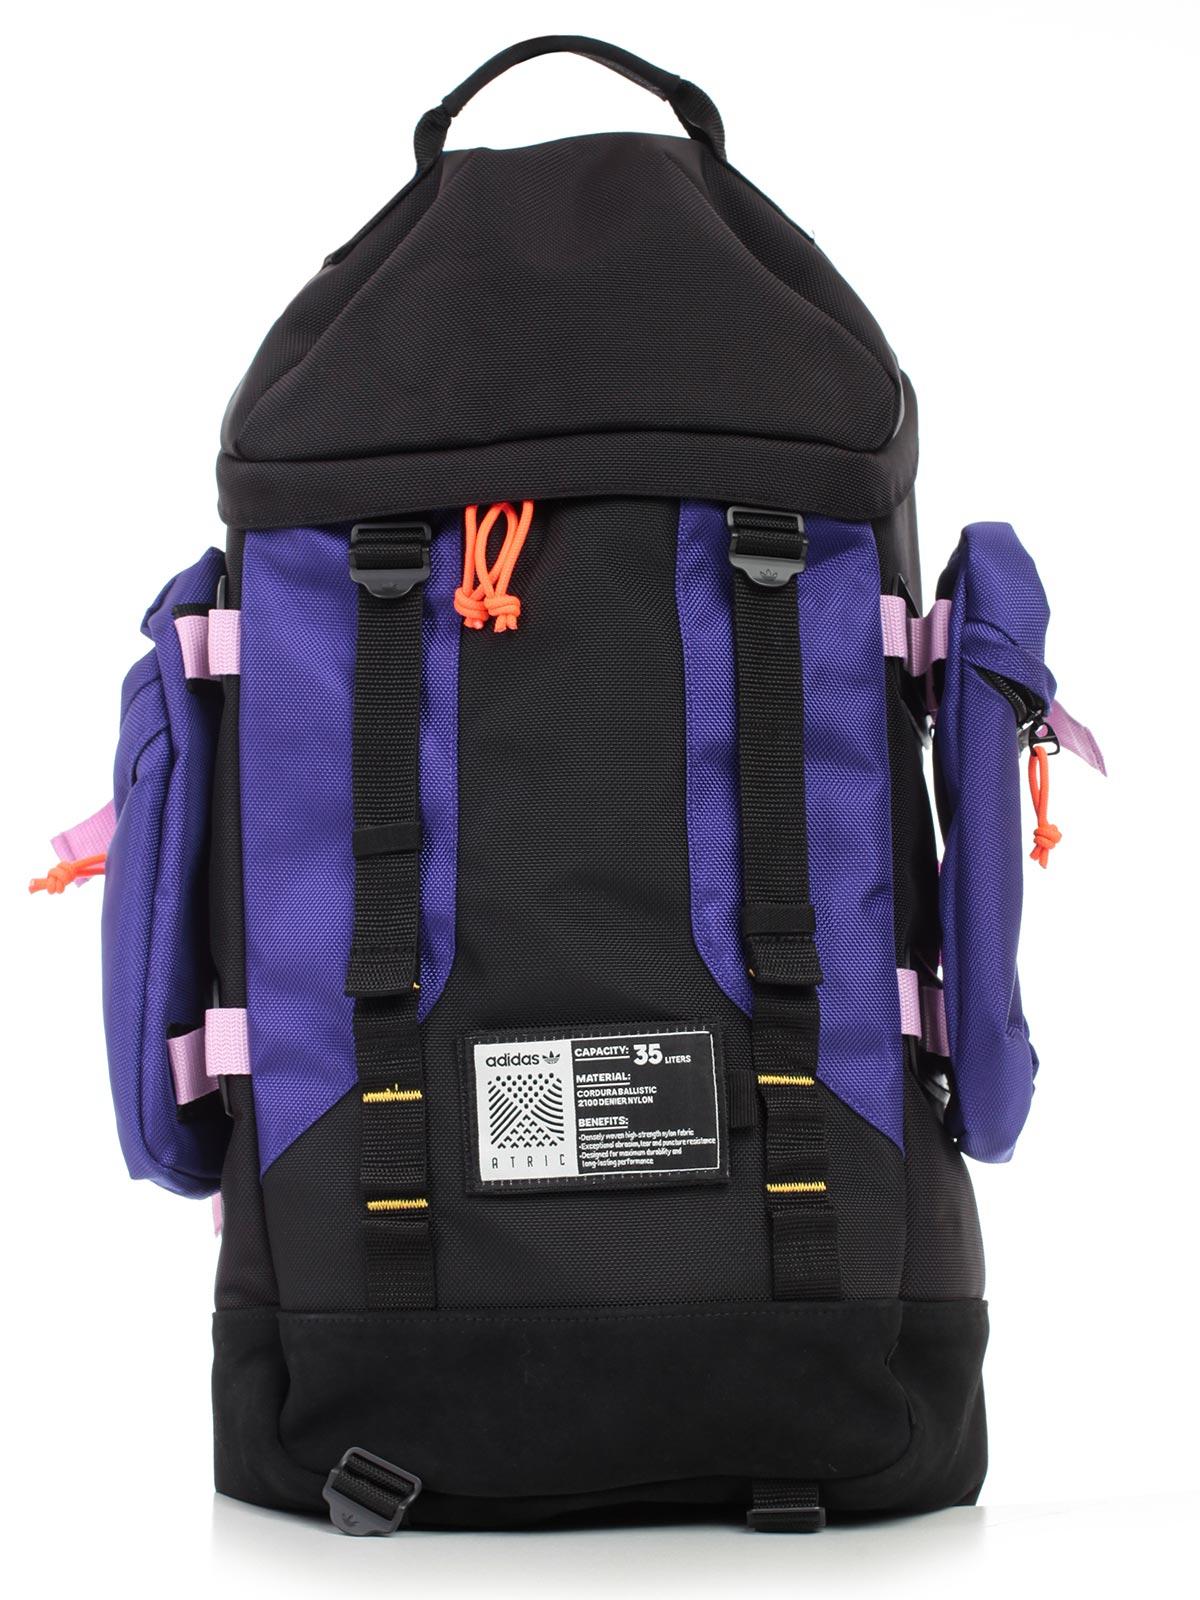 Picture of Adidas Originals Bags